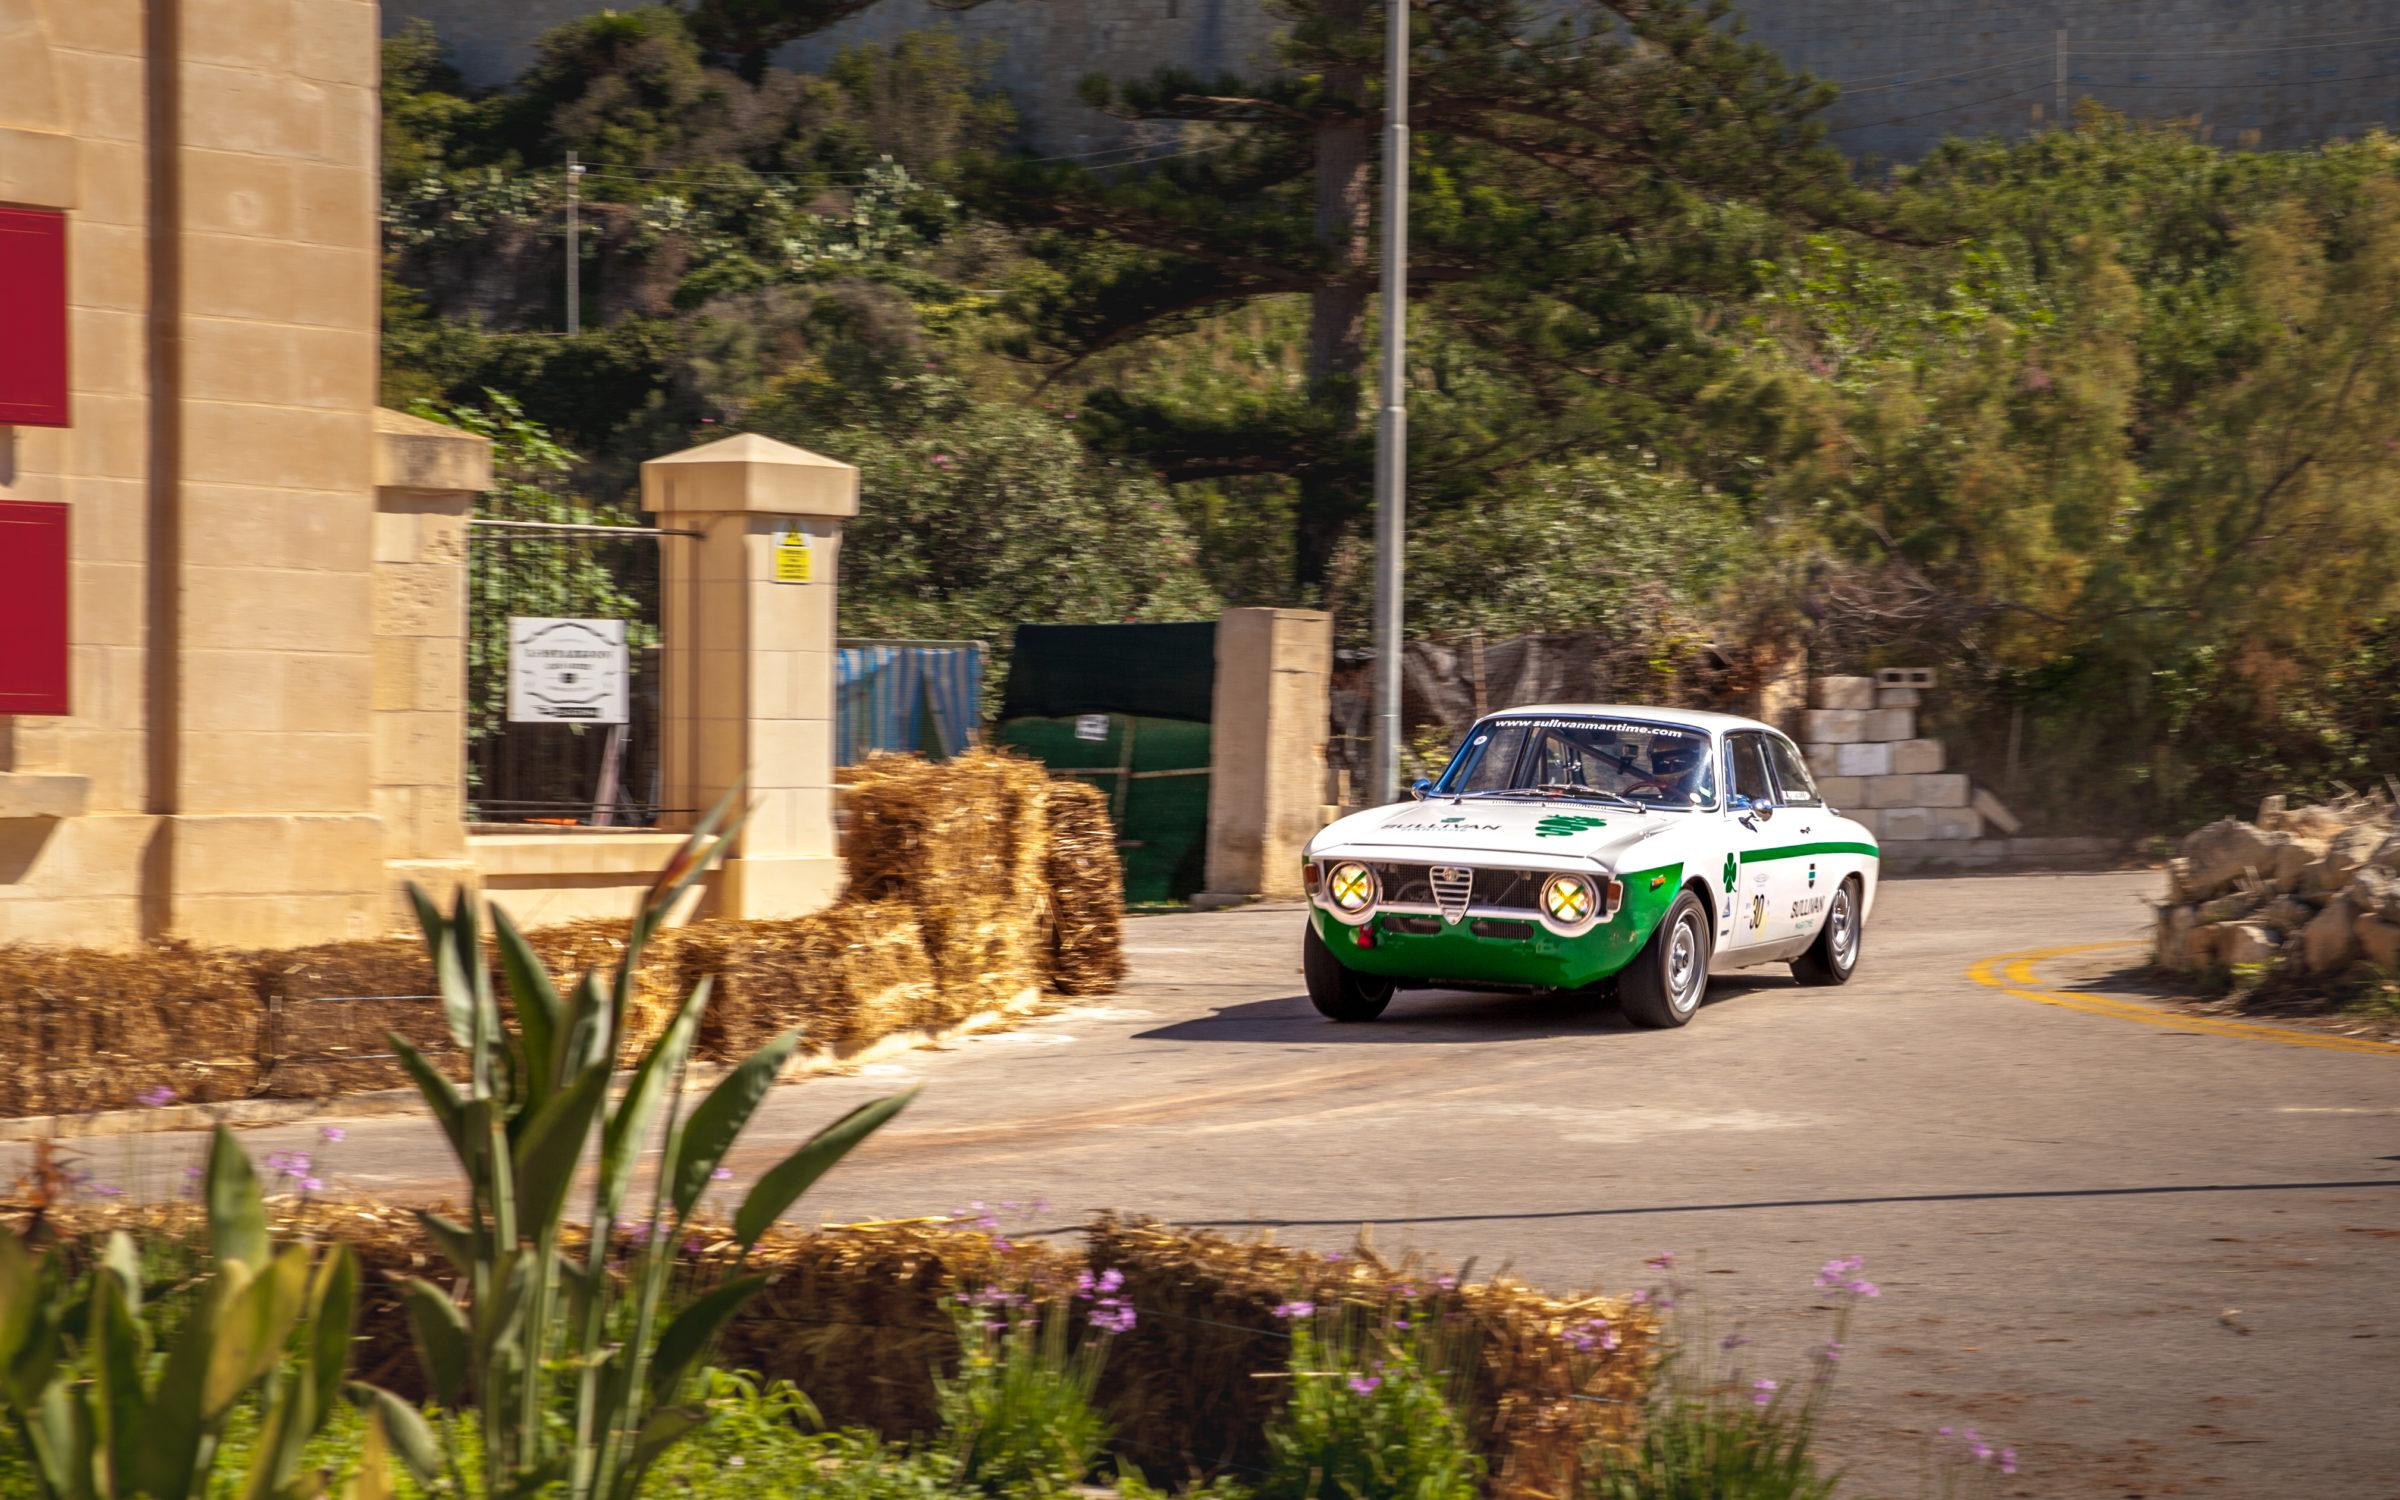 Malta Classic Grand Prix 2017